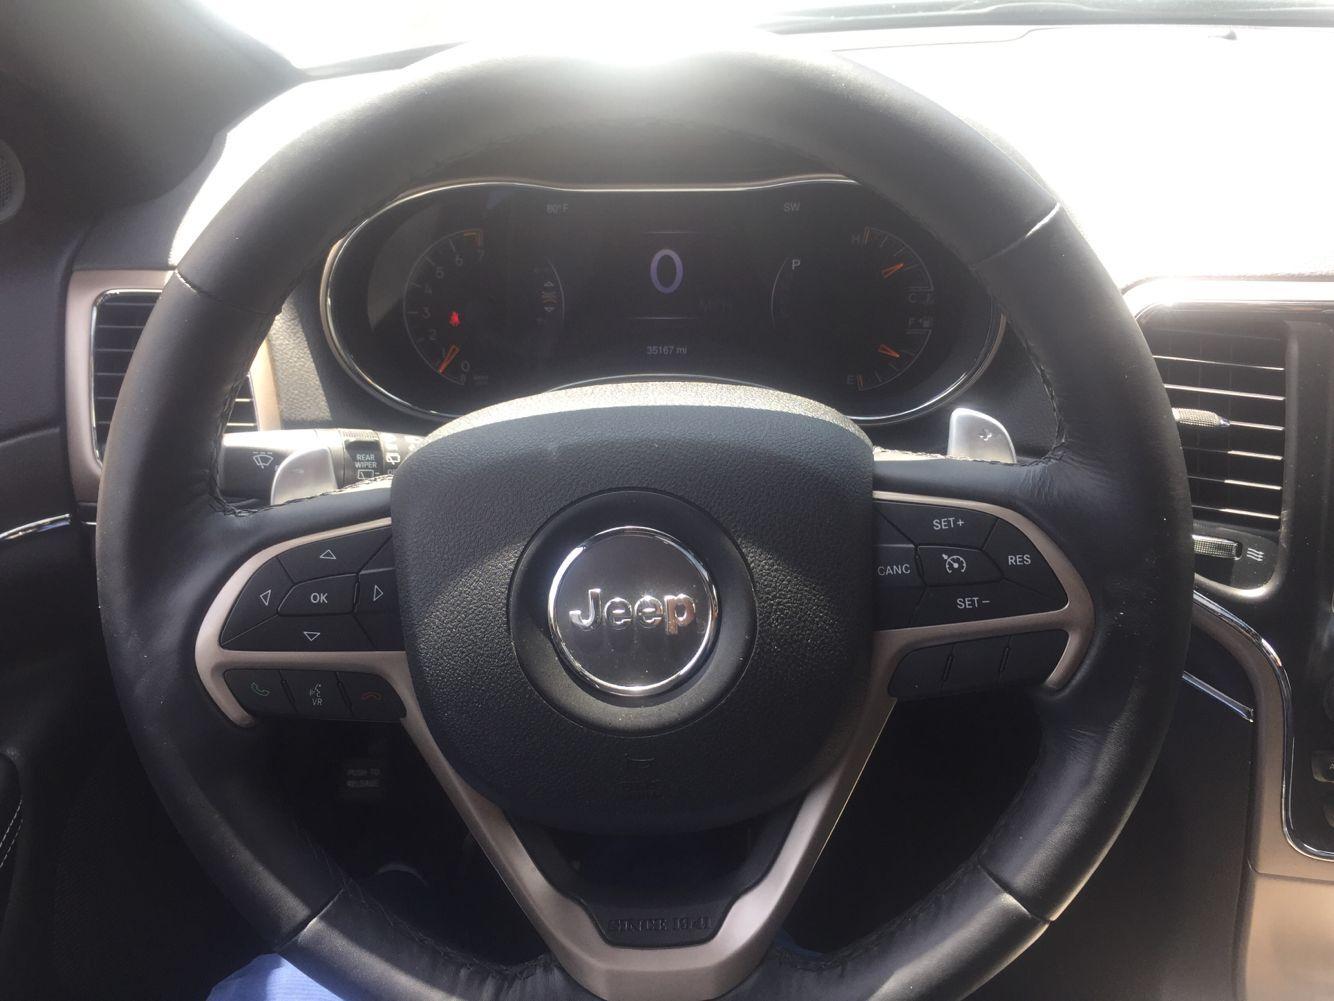 出售2015年 jeep 大切 Grand Cherokee LIMITED 里程35000miles 同城,唐人街,都市圈,海外华人,出售 第3张图片